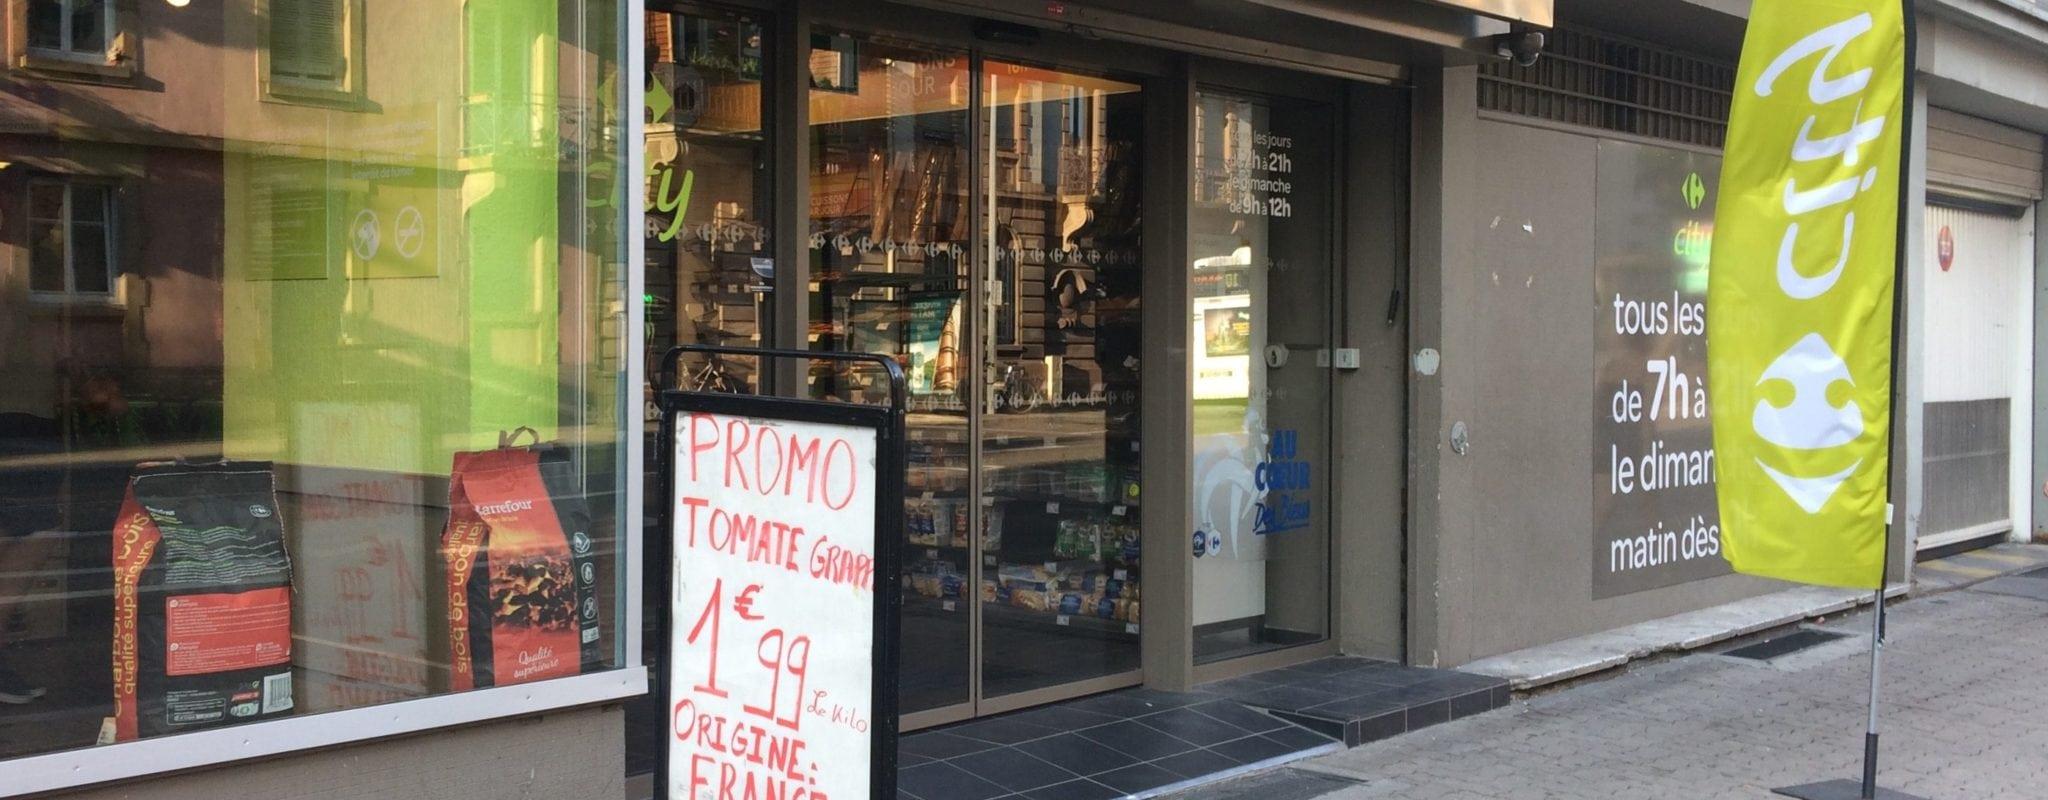 243 magasins Carrefour ferment dans toute la France et un seul en Alsace